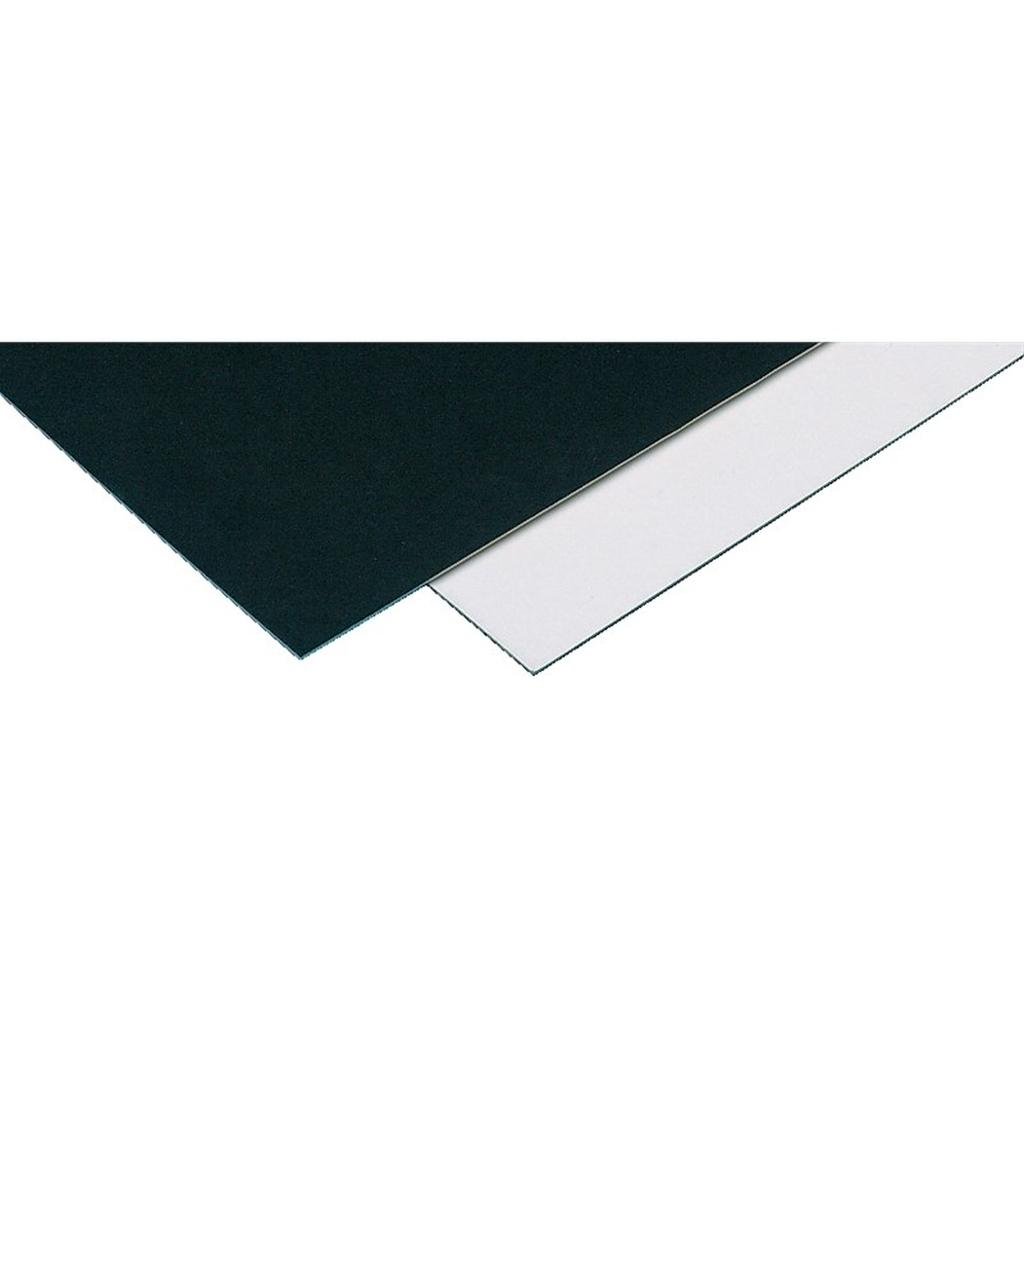 A1 White Mount Board 1400 Micron